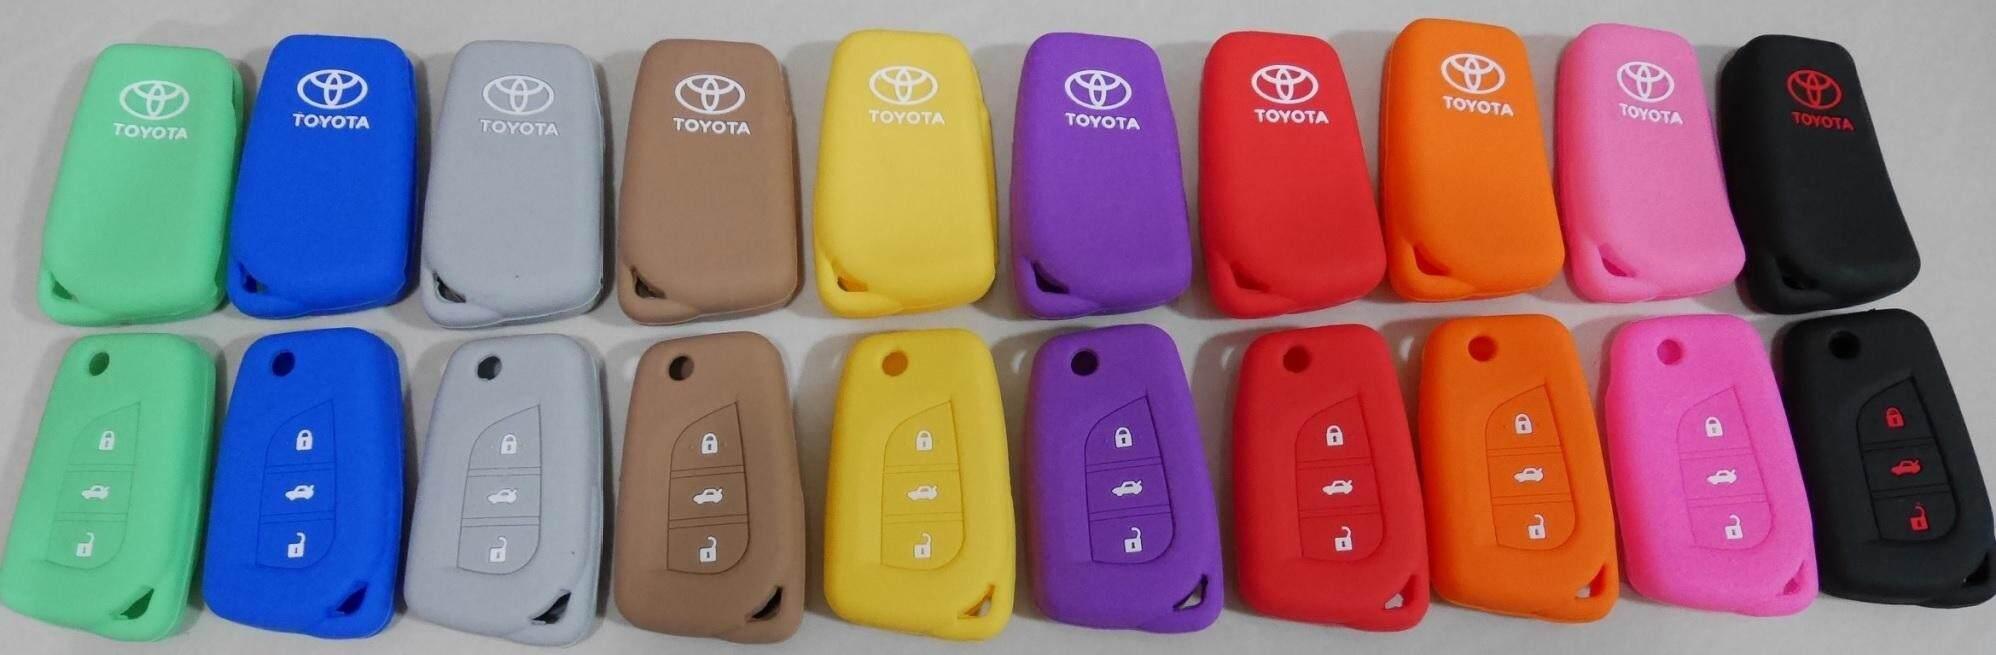 เก็บเงินปลายทางได้ ซิลิโคนแบบหนา  Toyota Revo / Altis  ส่งฟรี Kerry เก็บเงินปลายทางได้ * ทักแชทเพื่อเลือกสีก่อนสั่งซื้อ*